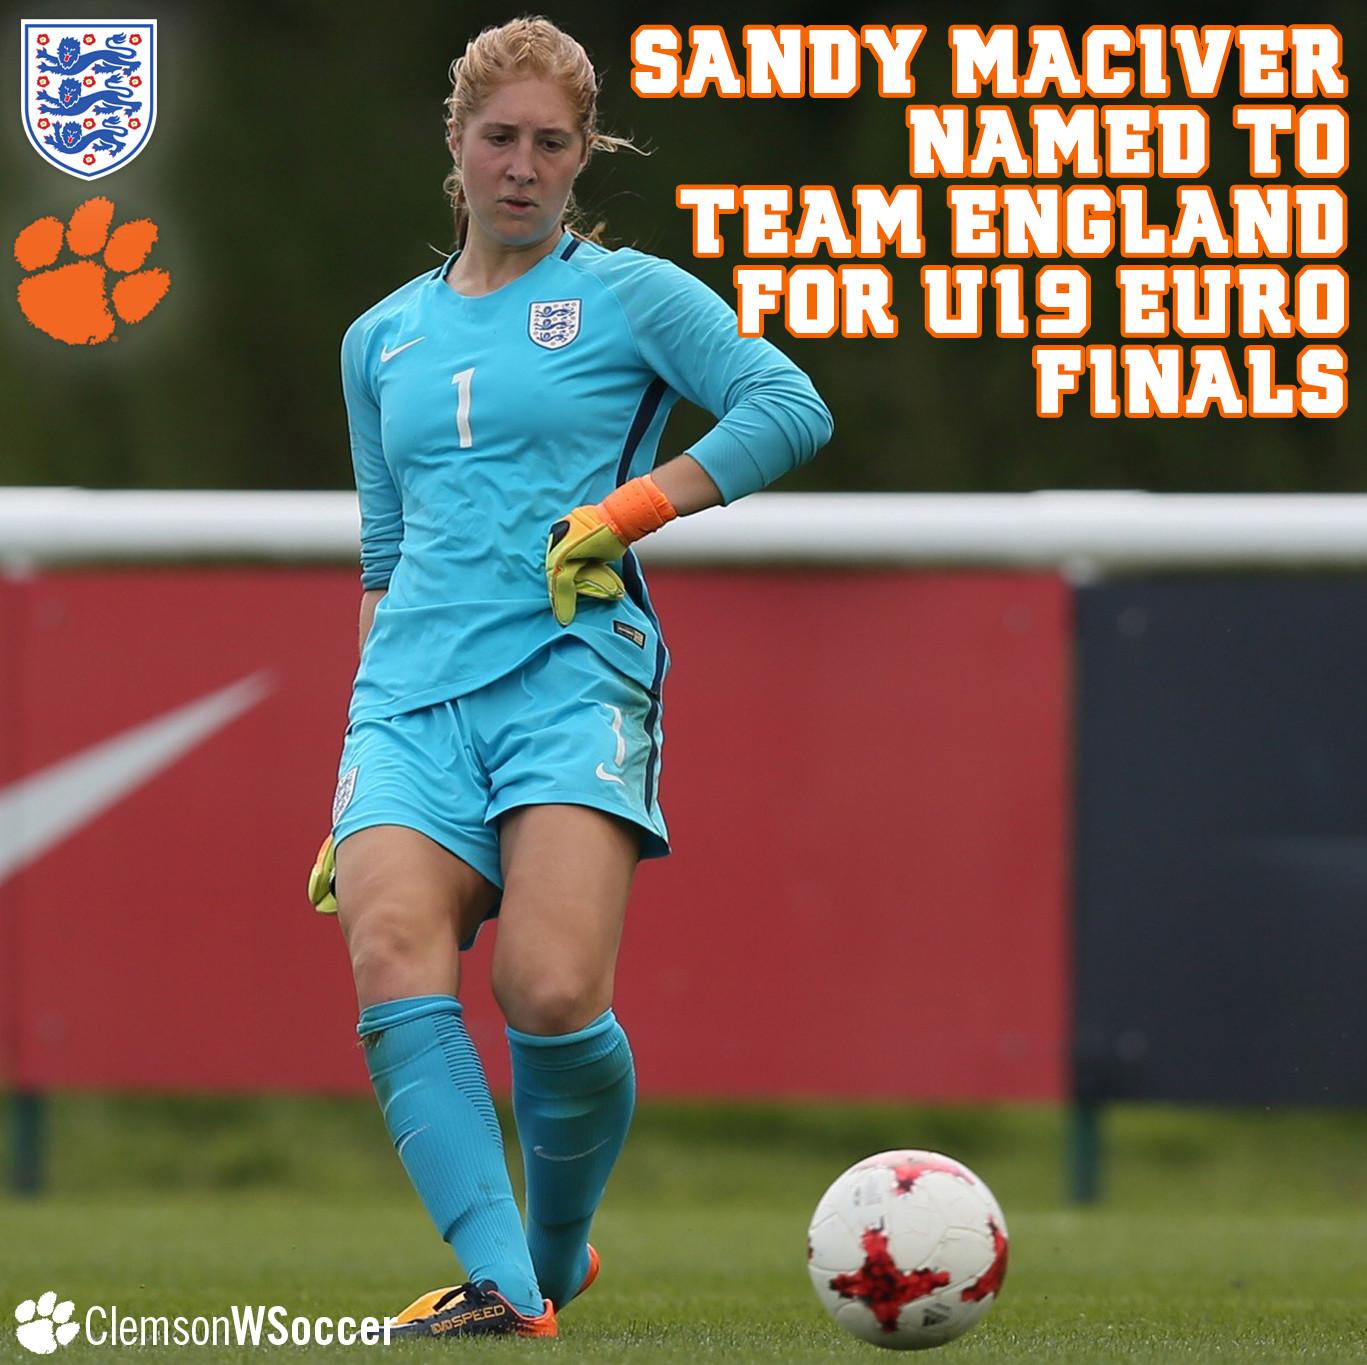 MacIver Named to England U19 WNT for UEFA U19 Euro Finals